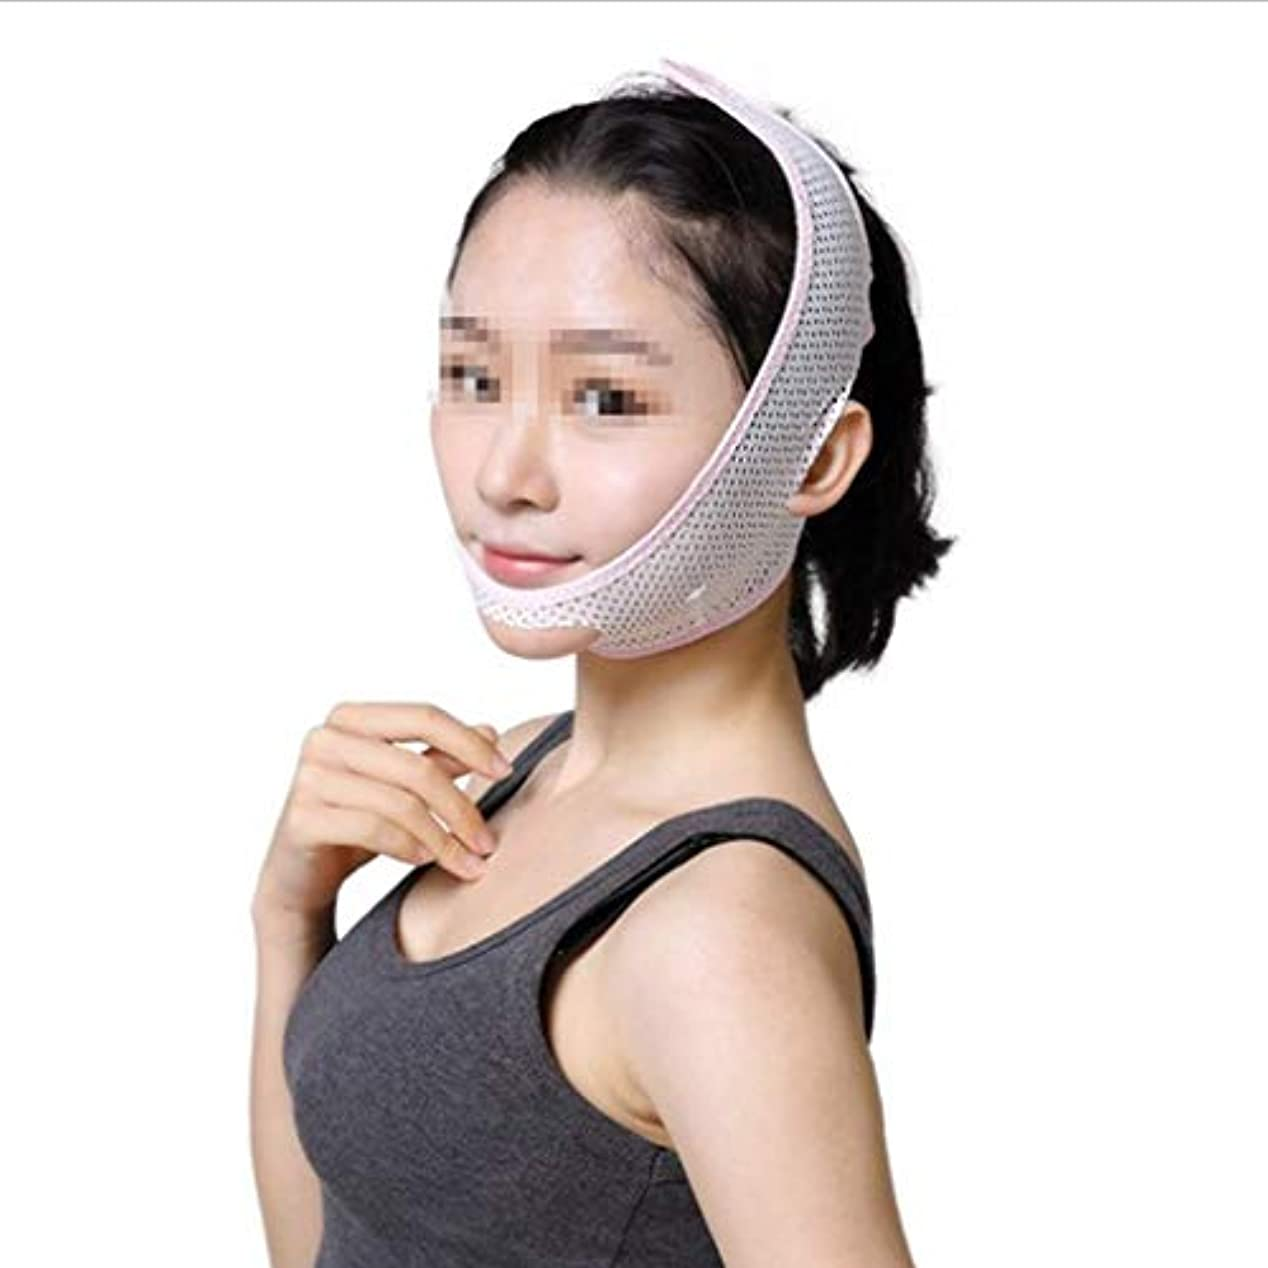 ファンブル道路仮装美しさと実用性のある超薄型通気性フェイスマスク、包帯Vフェイスマスクフェイスリフティングファーミングダブルチンシンフェイスベルト(サイズ:L)